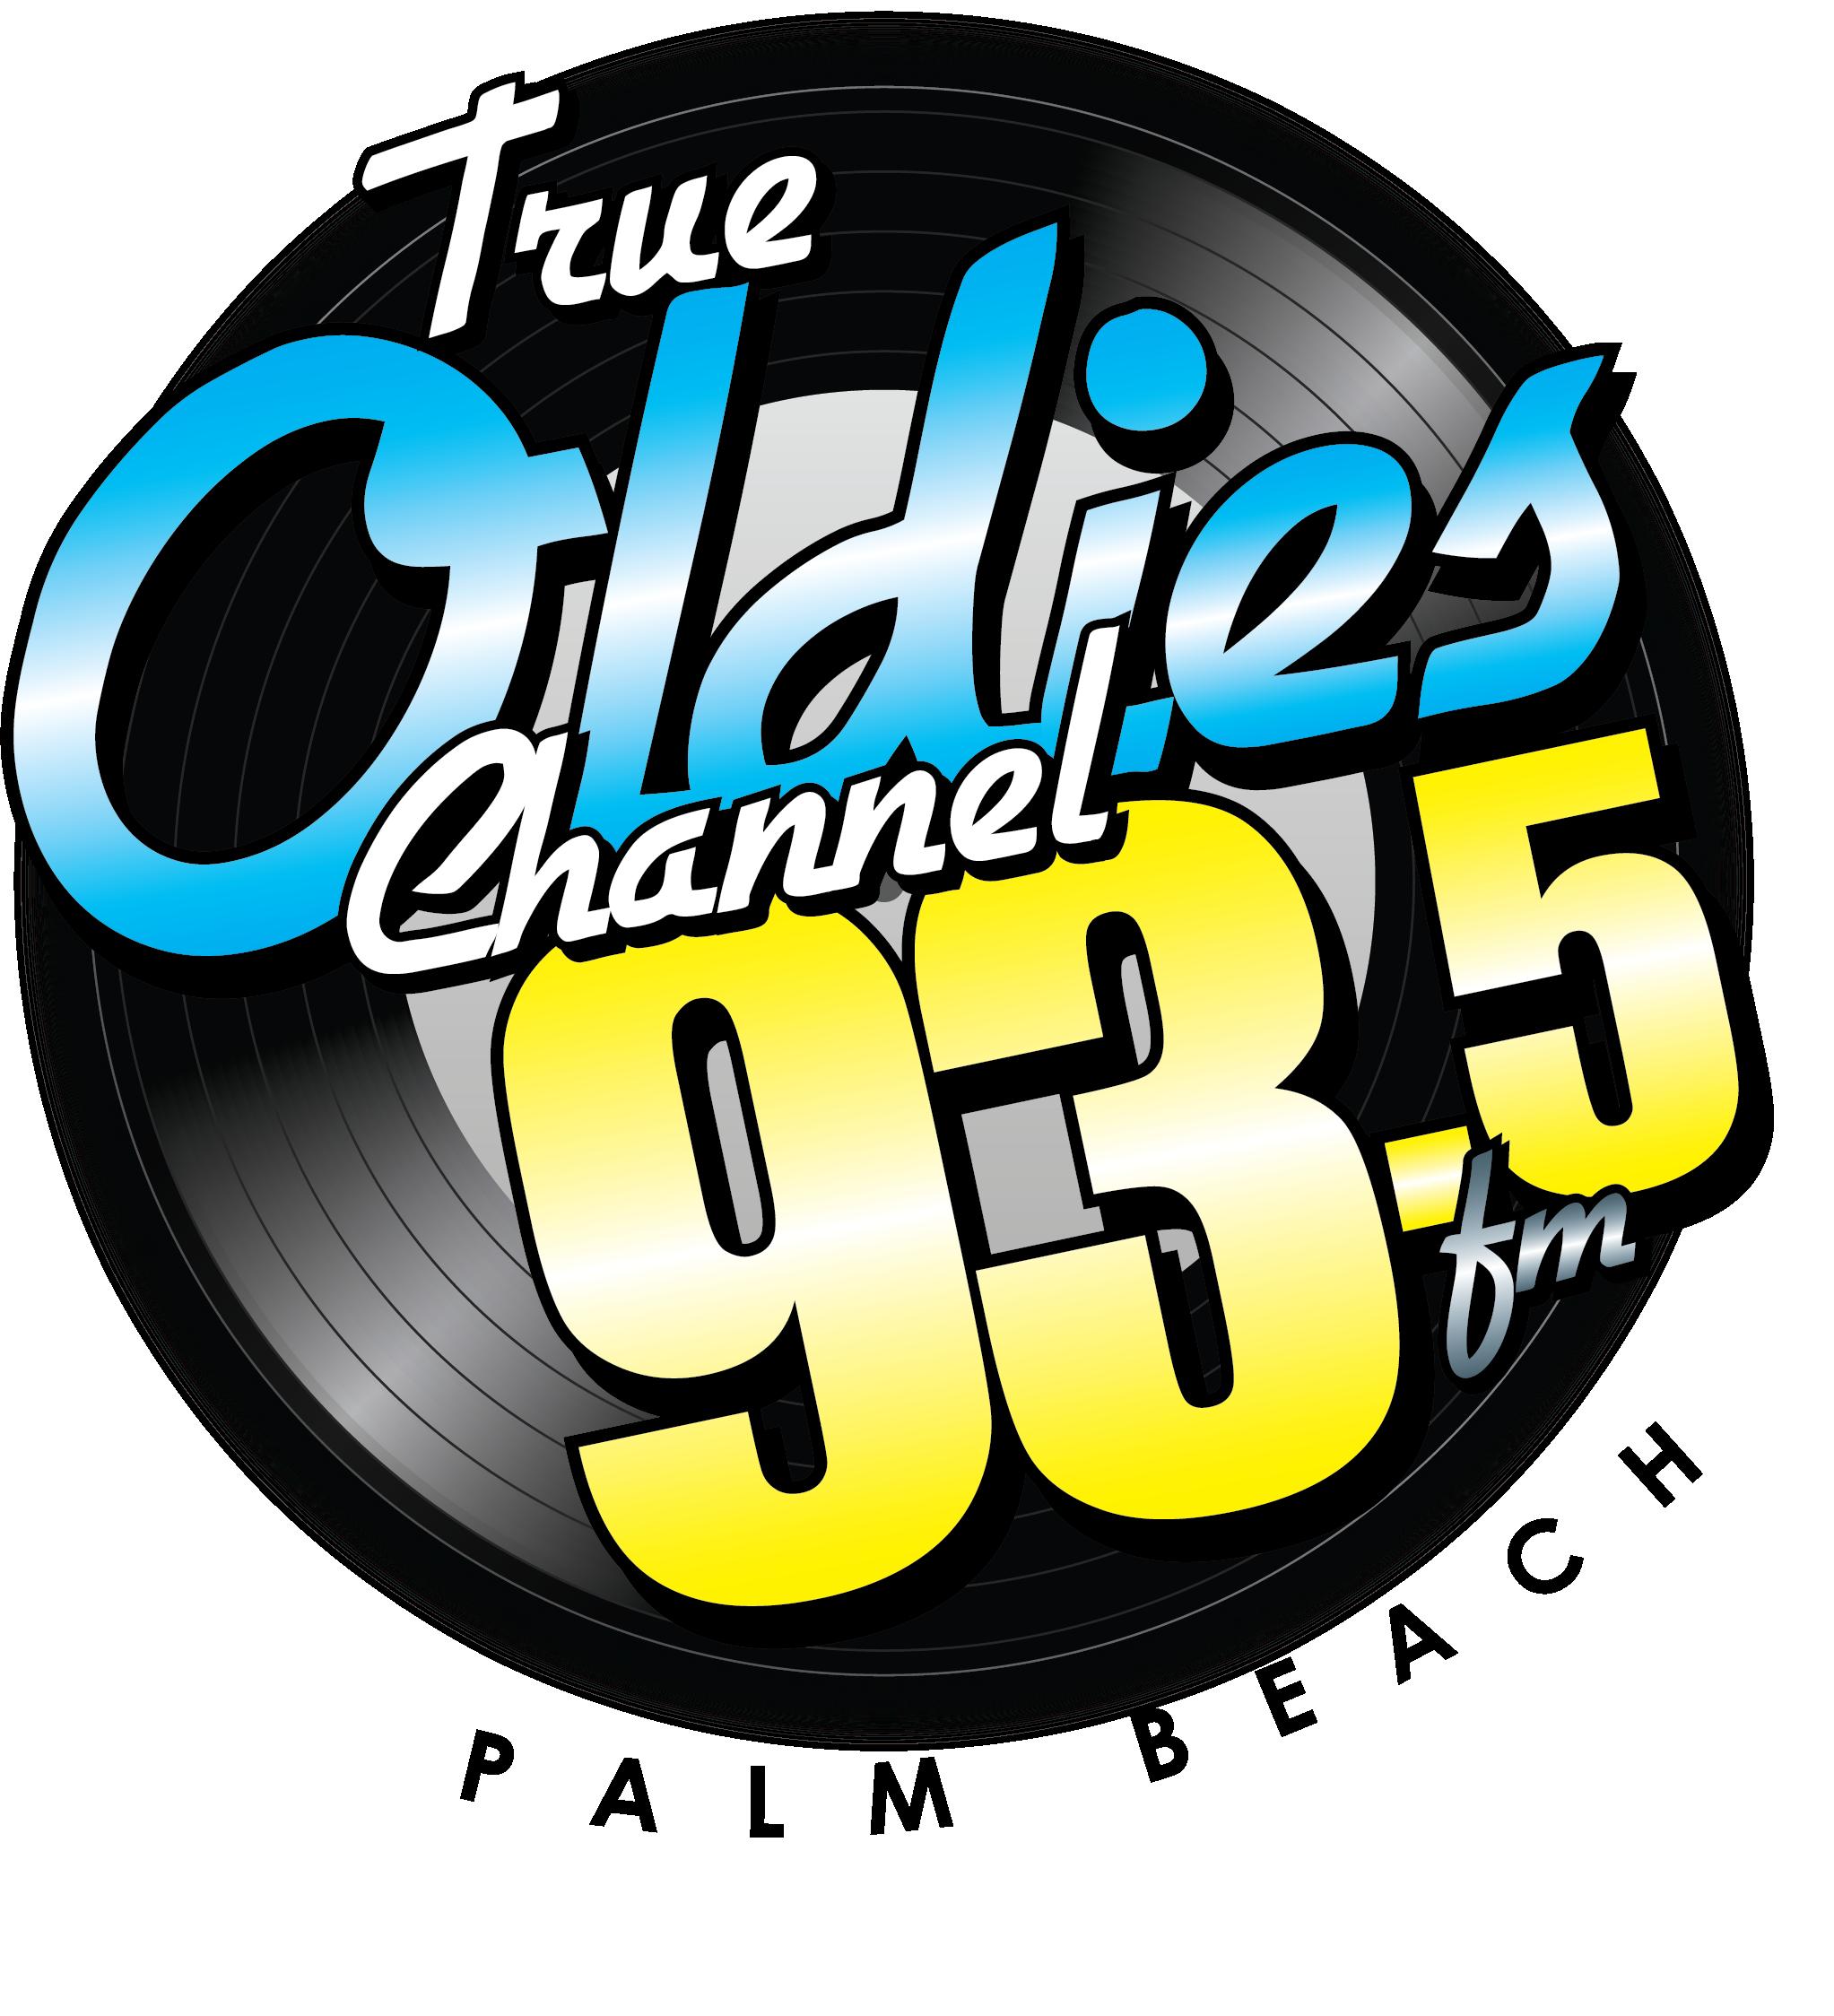 93.5 True Oldies Channel